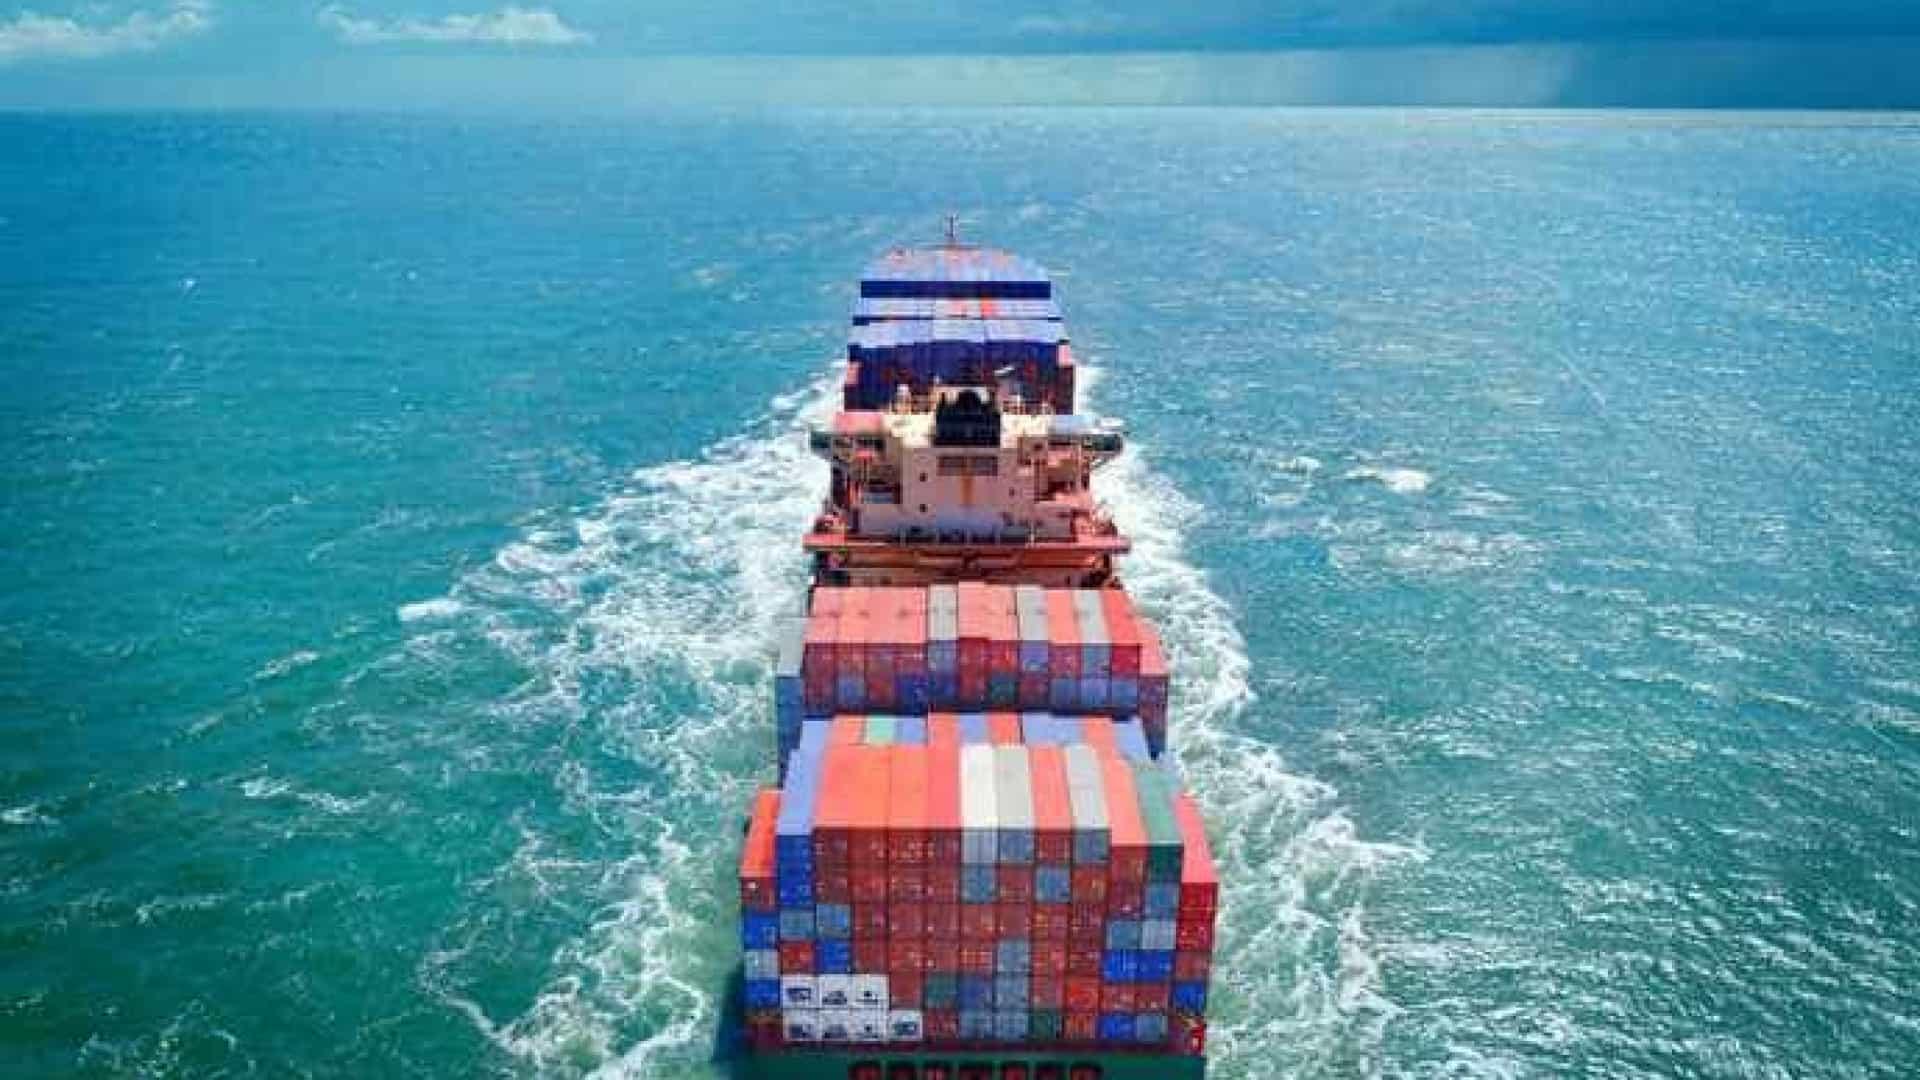 navio de cargas no mar simbolizando o Incoterms 2020